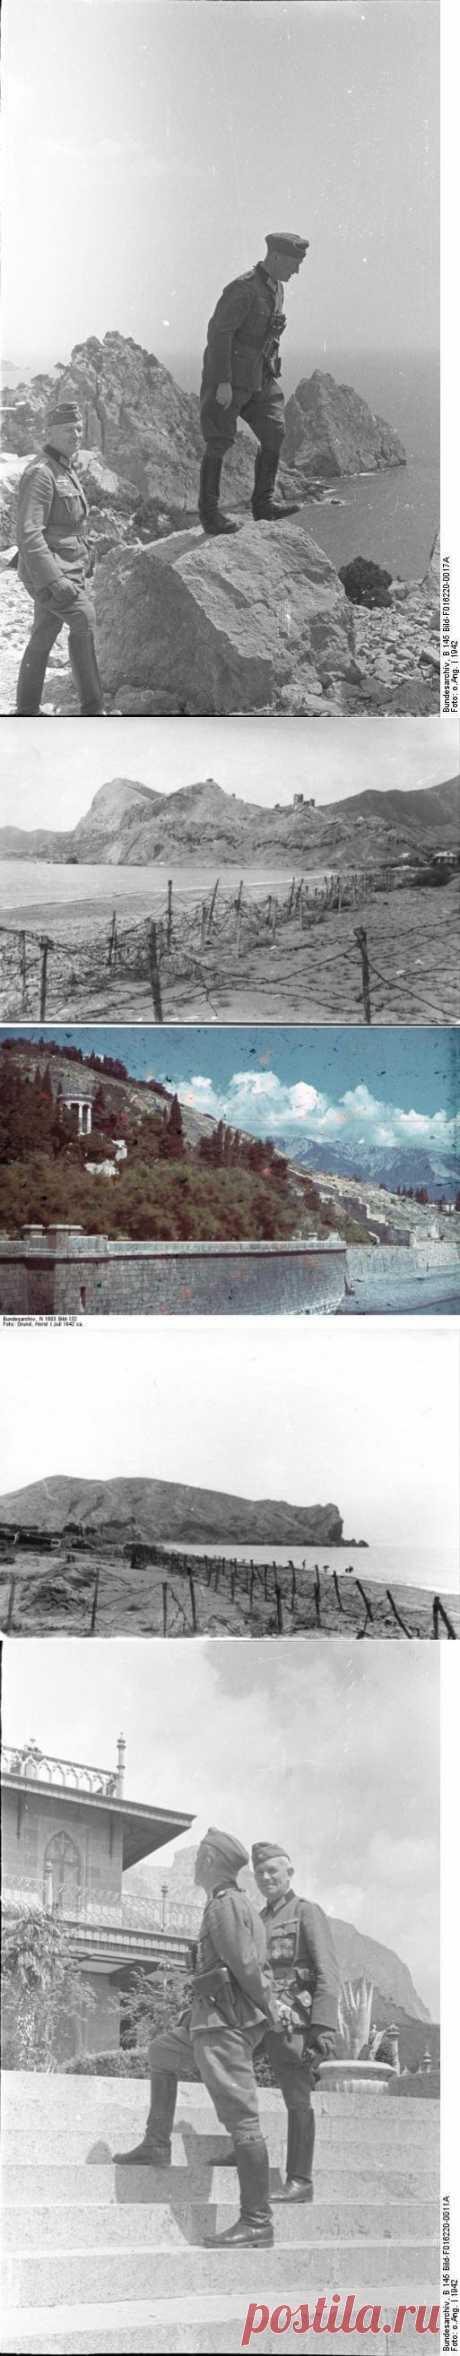 Вторая мировая война. Редкие фотографии | БЕЛЫЕ СТРАНИЦЫ ИСТОРИИ